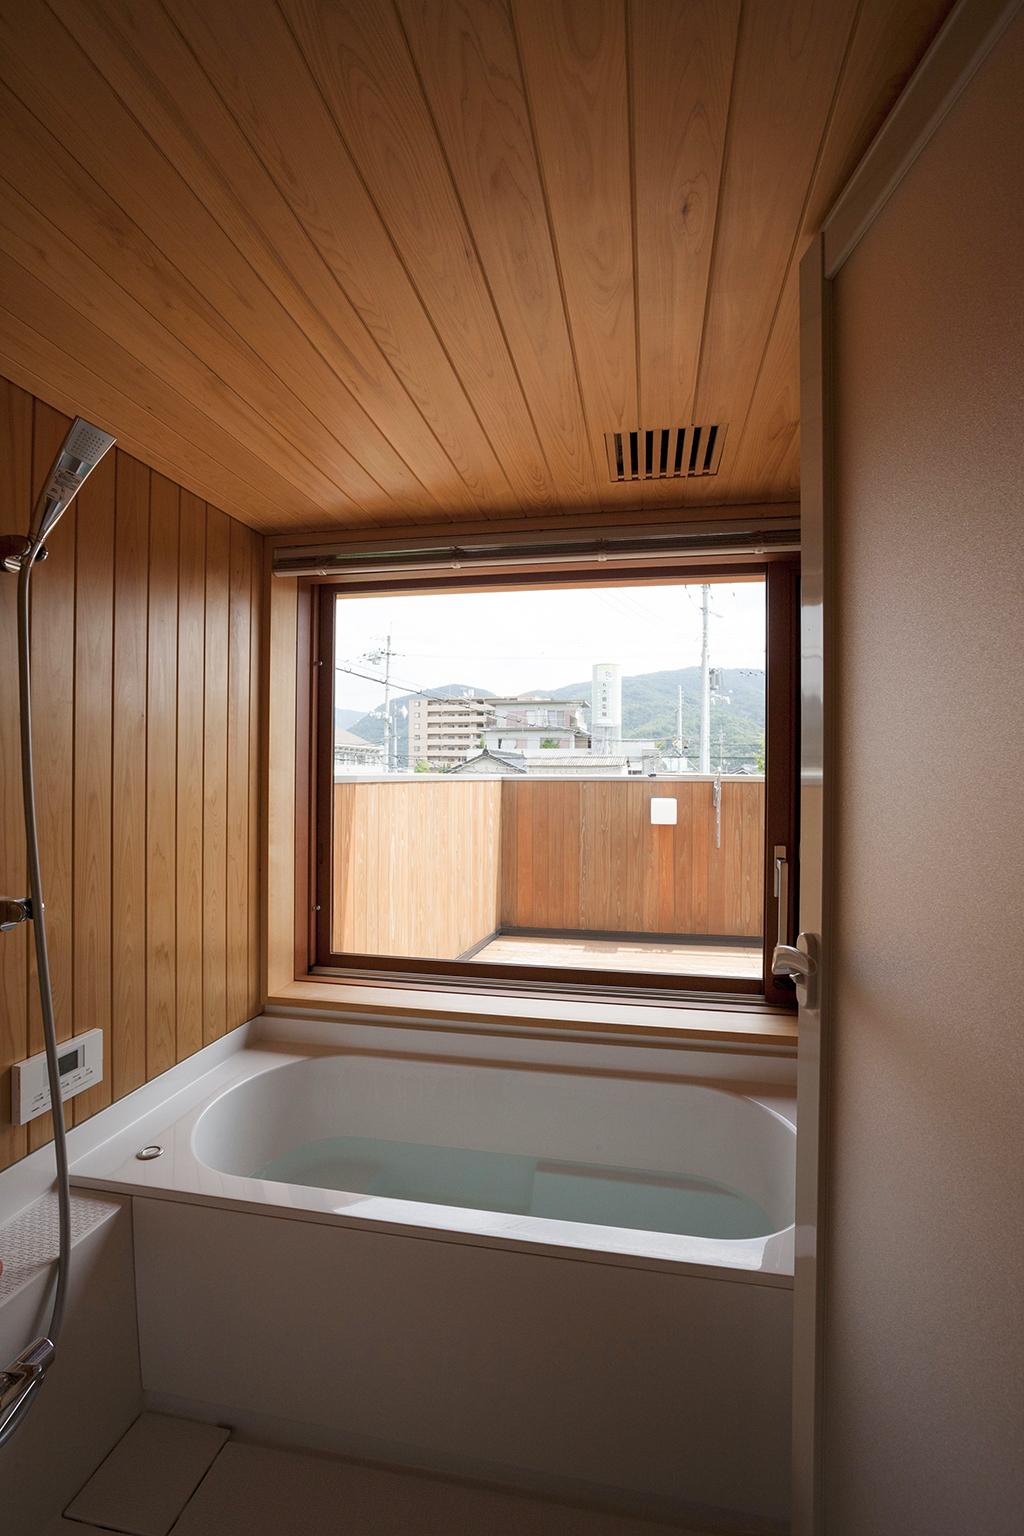 宍粟市の木の家 眺めのよい桧貼りの浴室